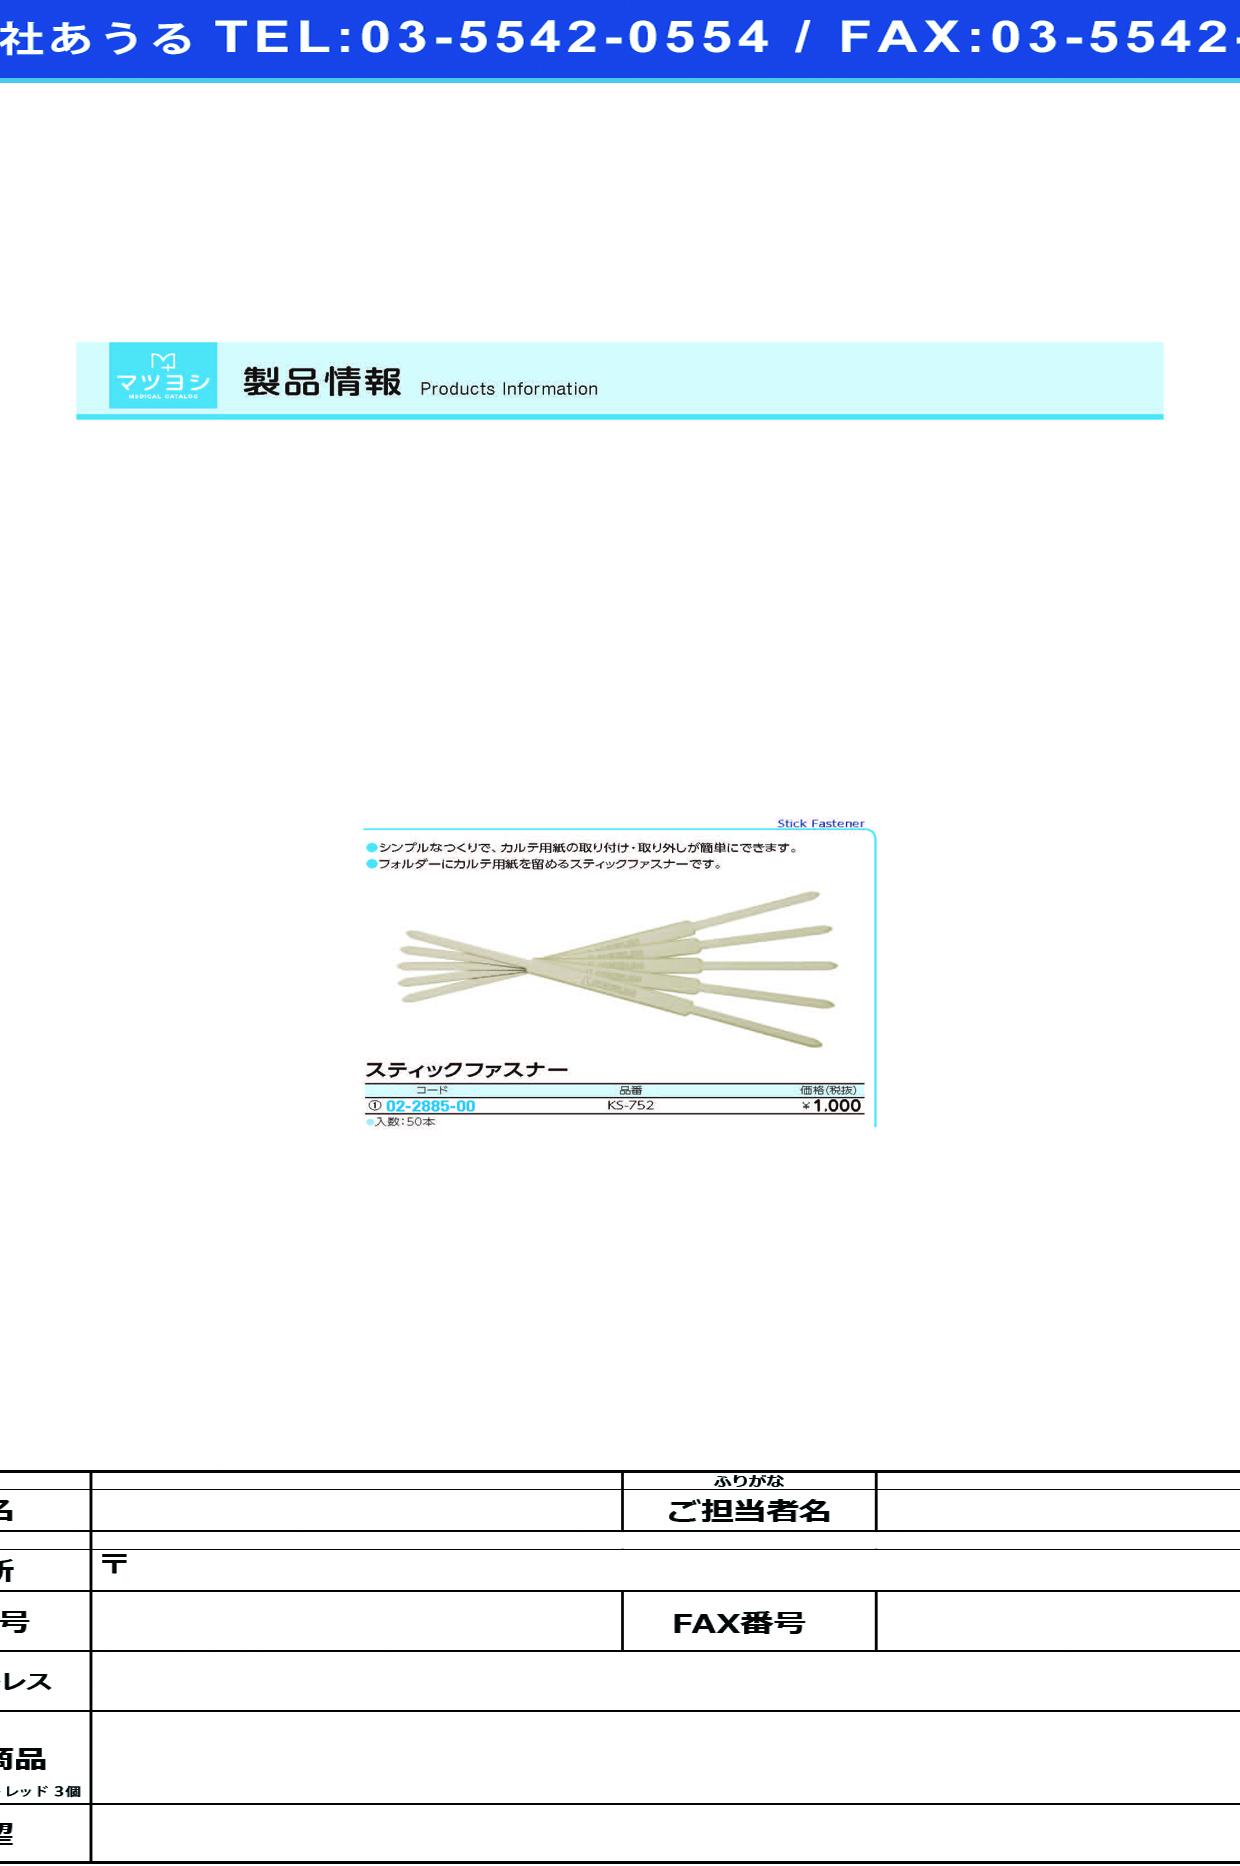 (02-2885-00)スティックファスナー(50本入) KS-752 KS752(ケルン)【1箱単位】【2019年カタログ商品】